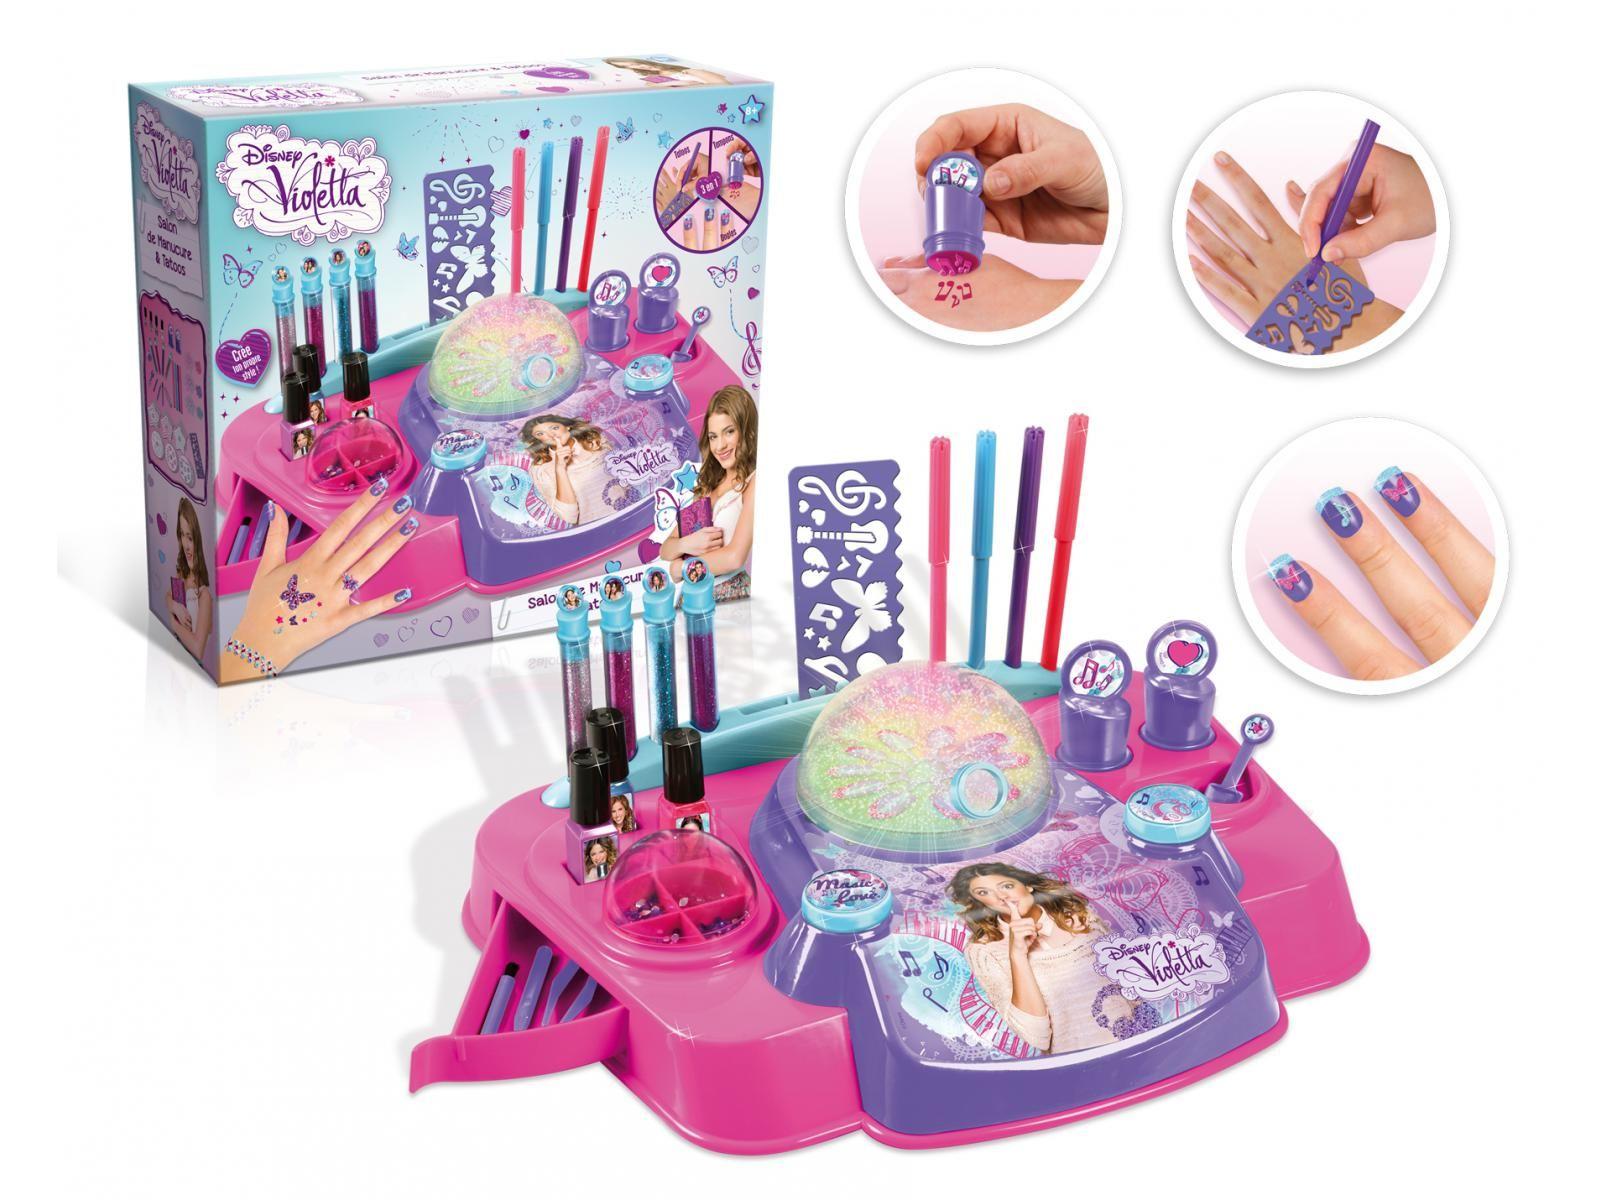 Salon de manucure violetta canal toys un v ritable for Salon pour les ongles